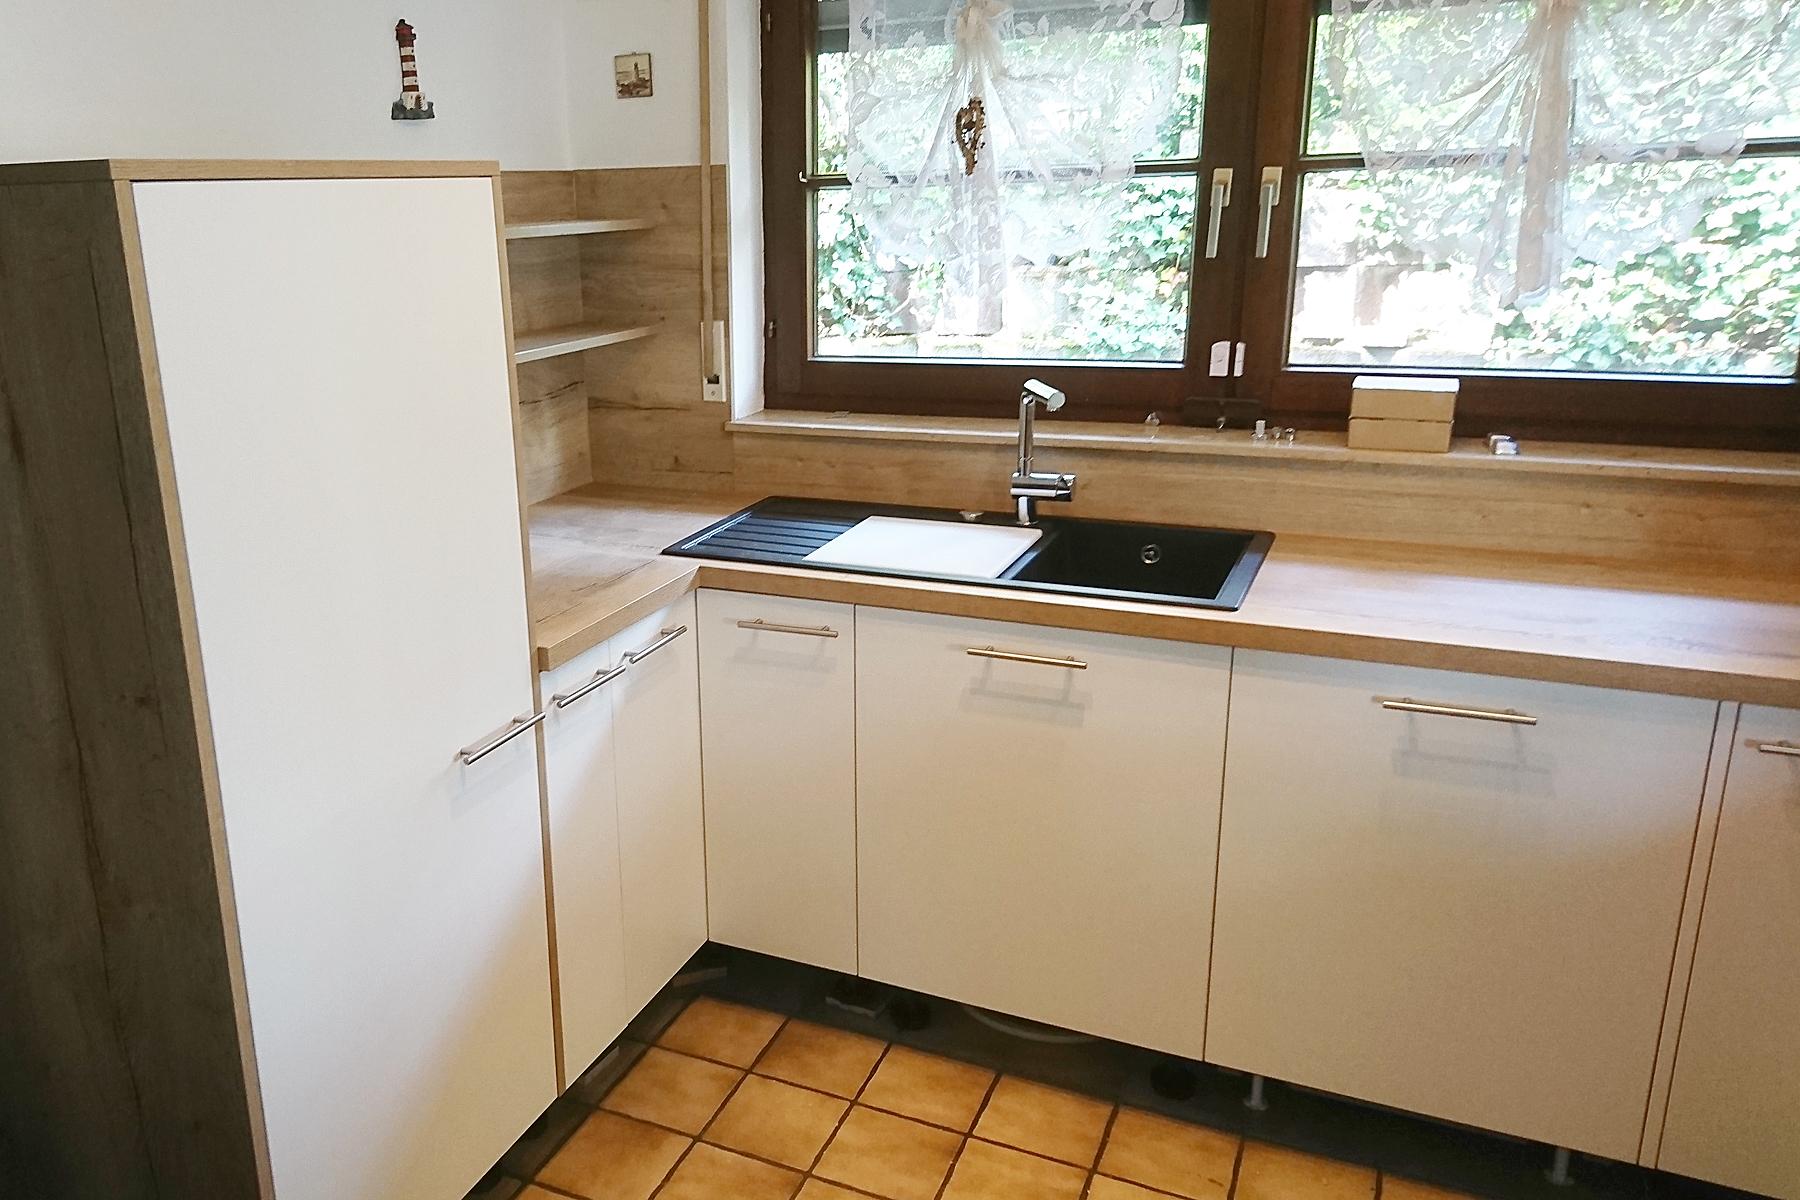 Küche in Holz und Weiß - Schreinerei Schreiber